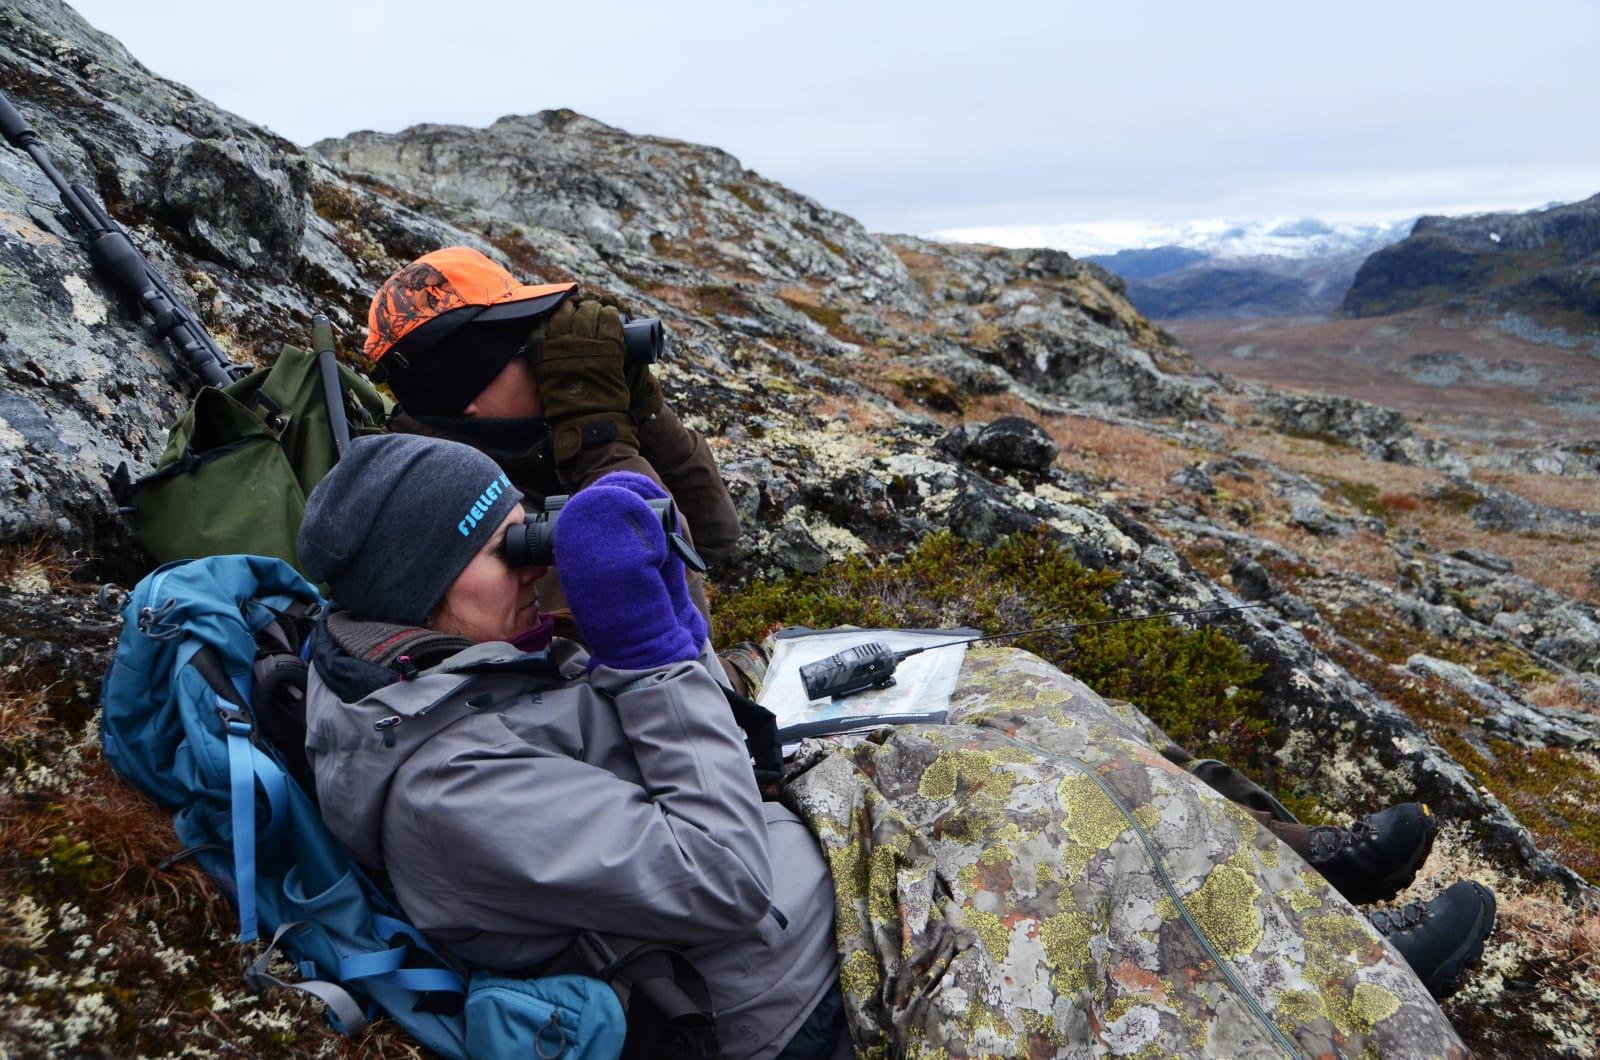 HOLD UTKIKK: Det gjelder å ha god tålmodighet om du skal få øye på et reinsdyr. Robert og Anita har satt seg godt til rette.